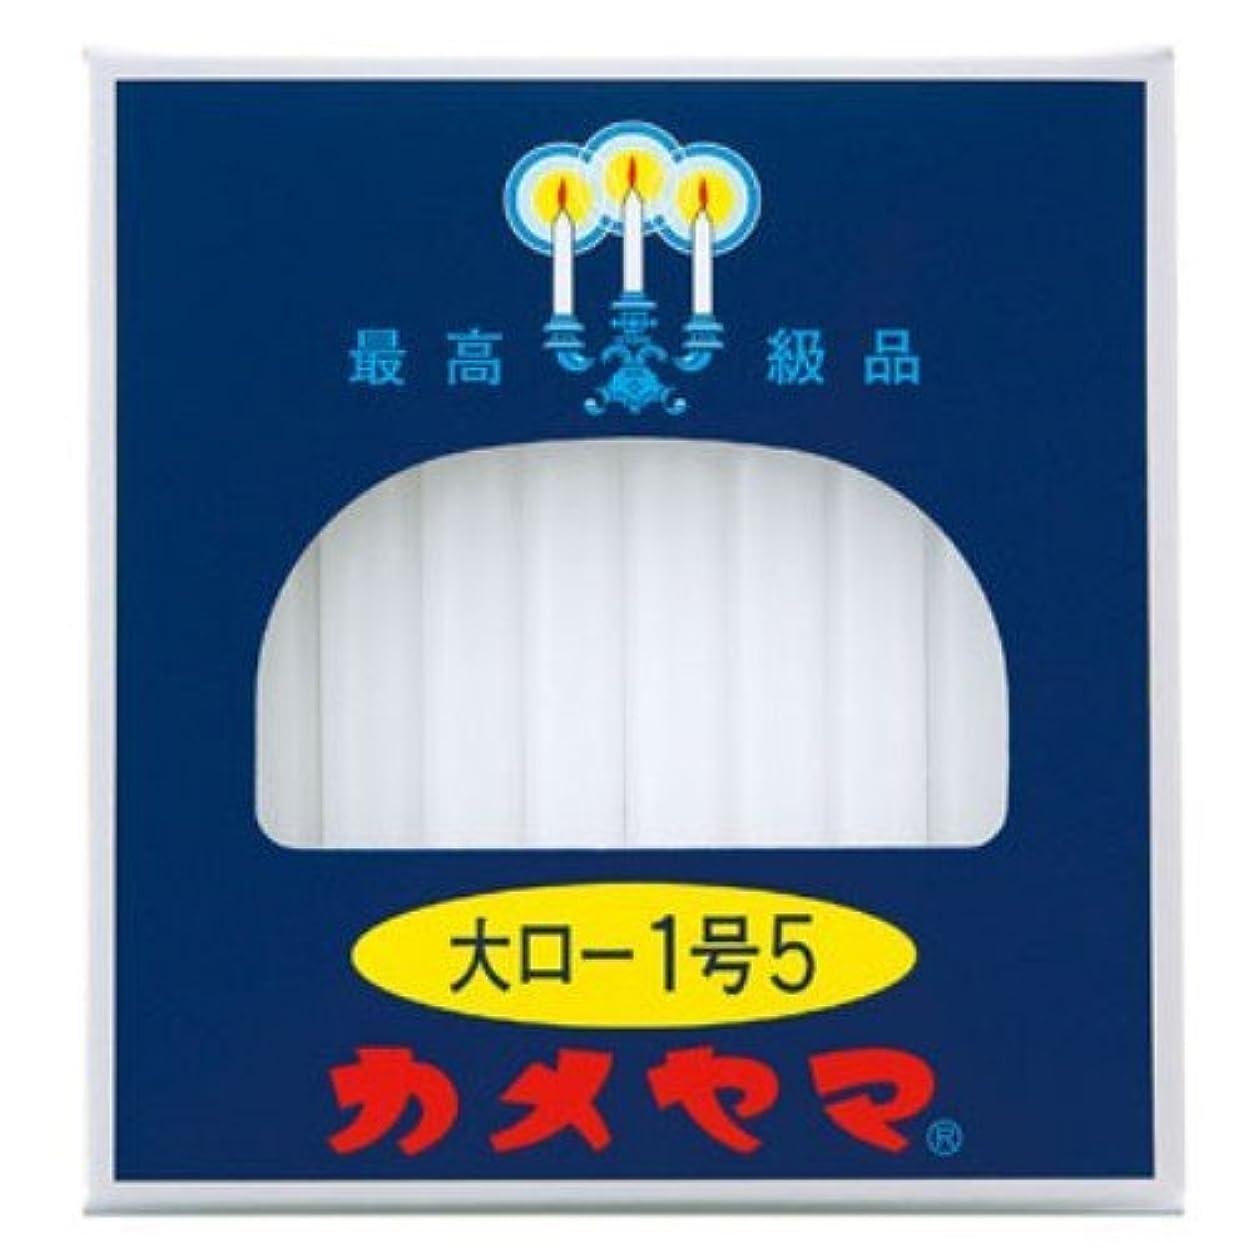 合理化挑む聖歌カメヤマ ローソク大1.5号 40入 225G